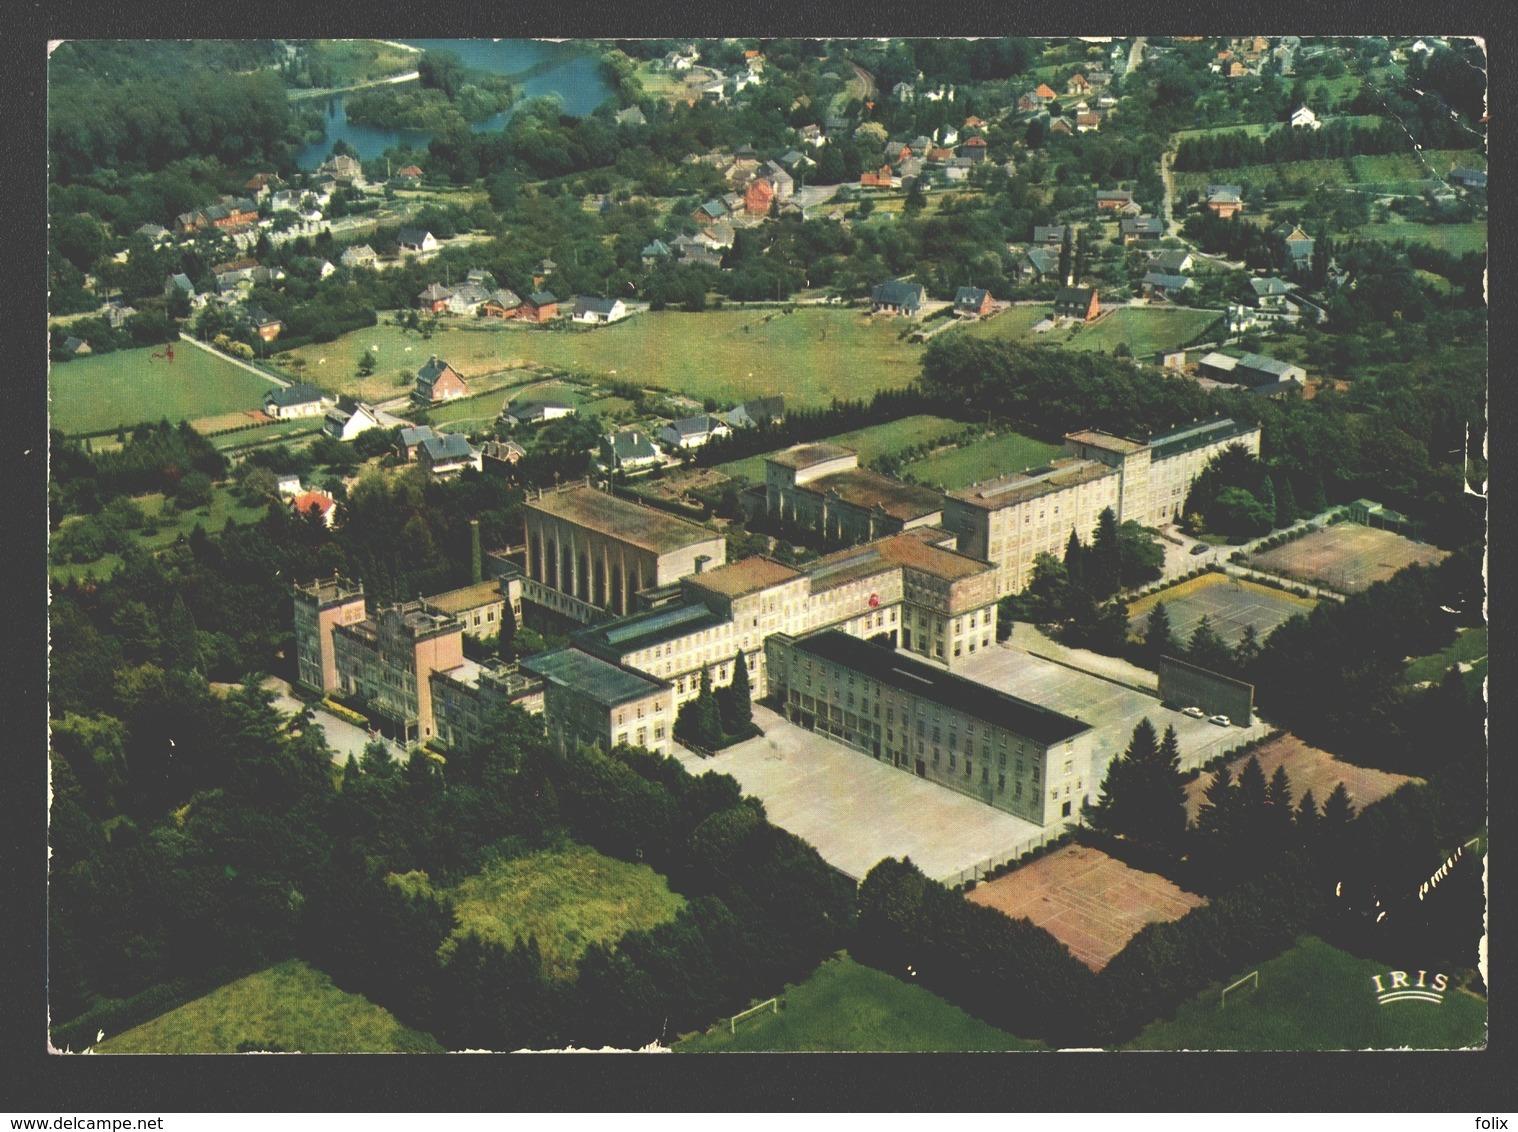 Godinne-sur-Meuse - Collège Saint-Paul - Yvoir